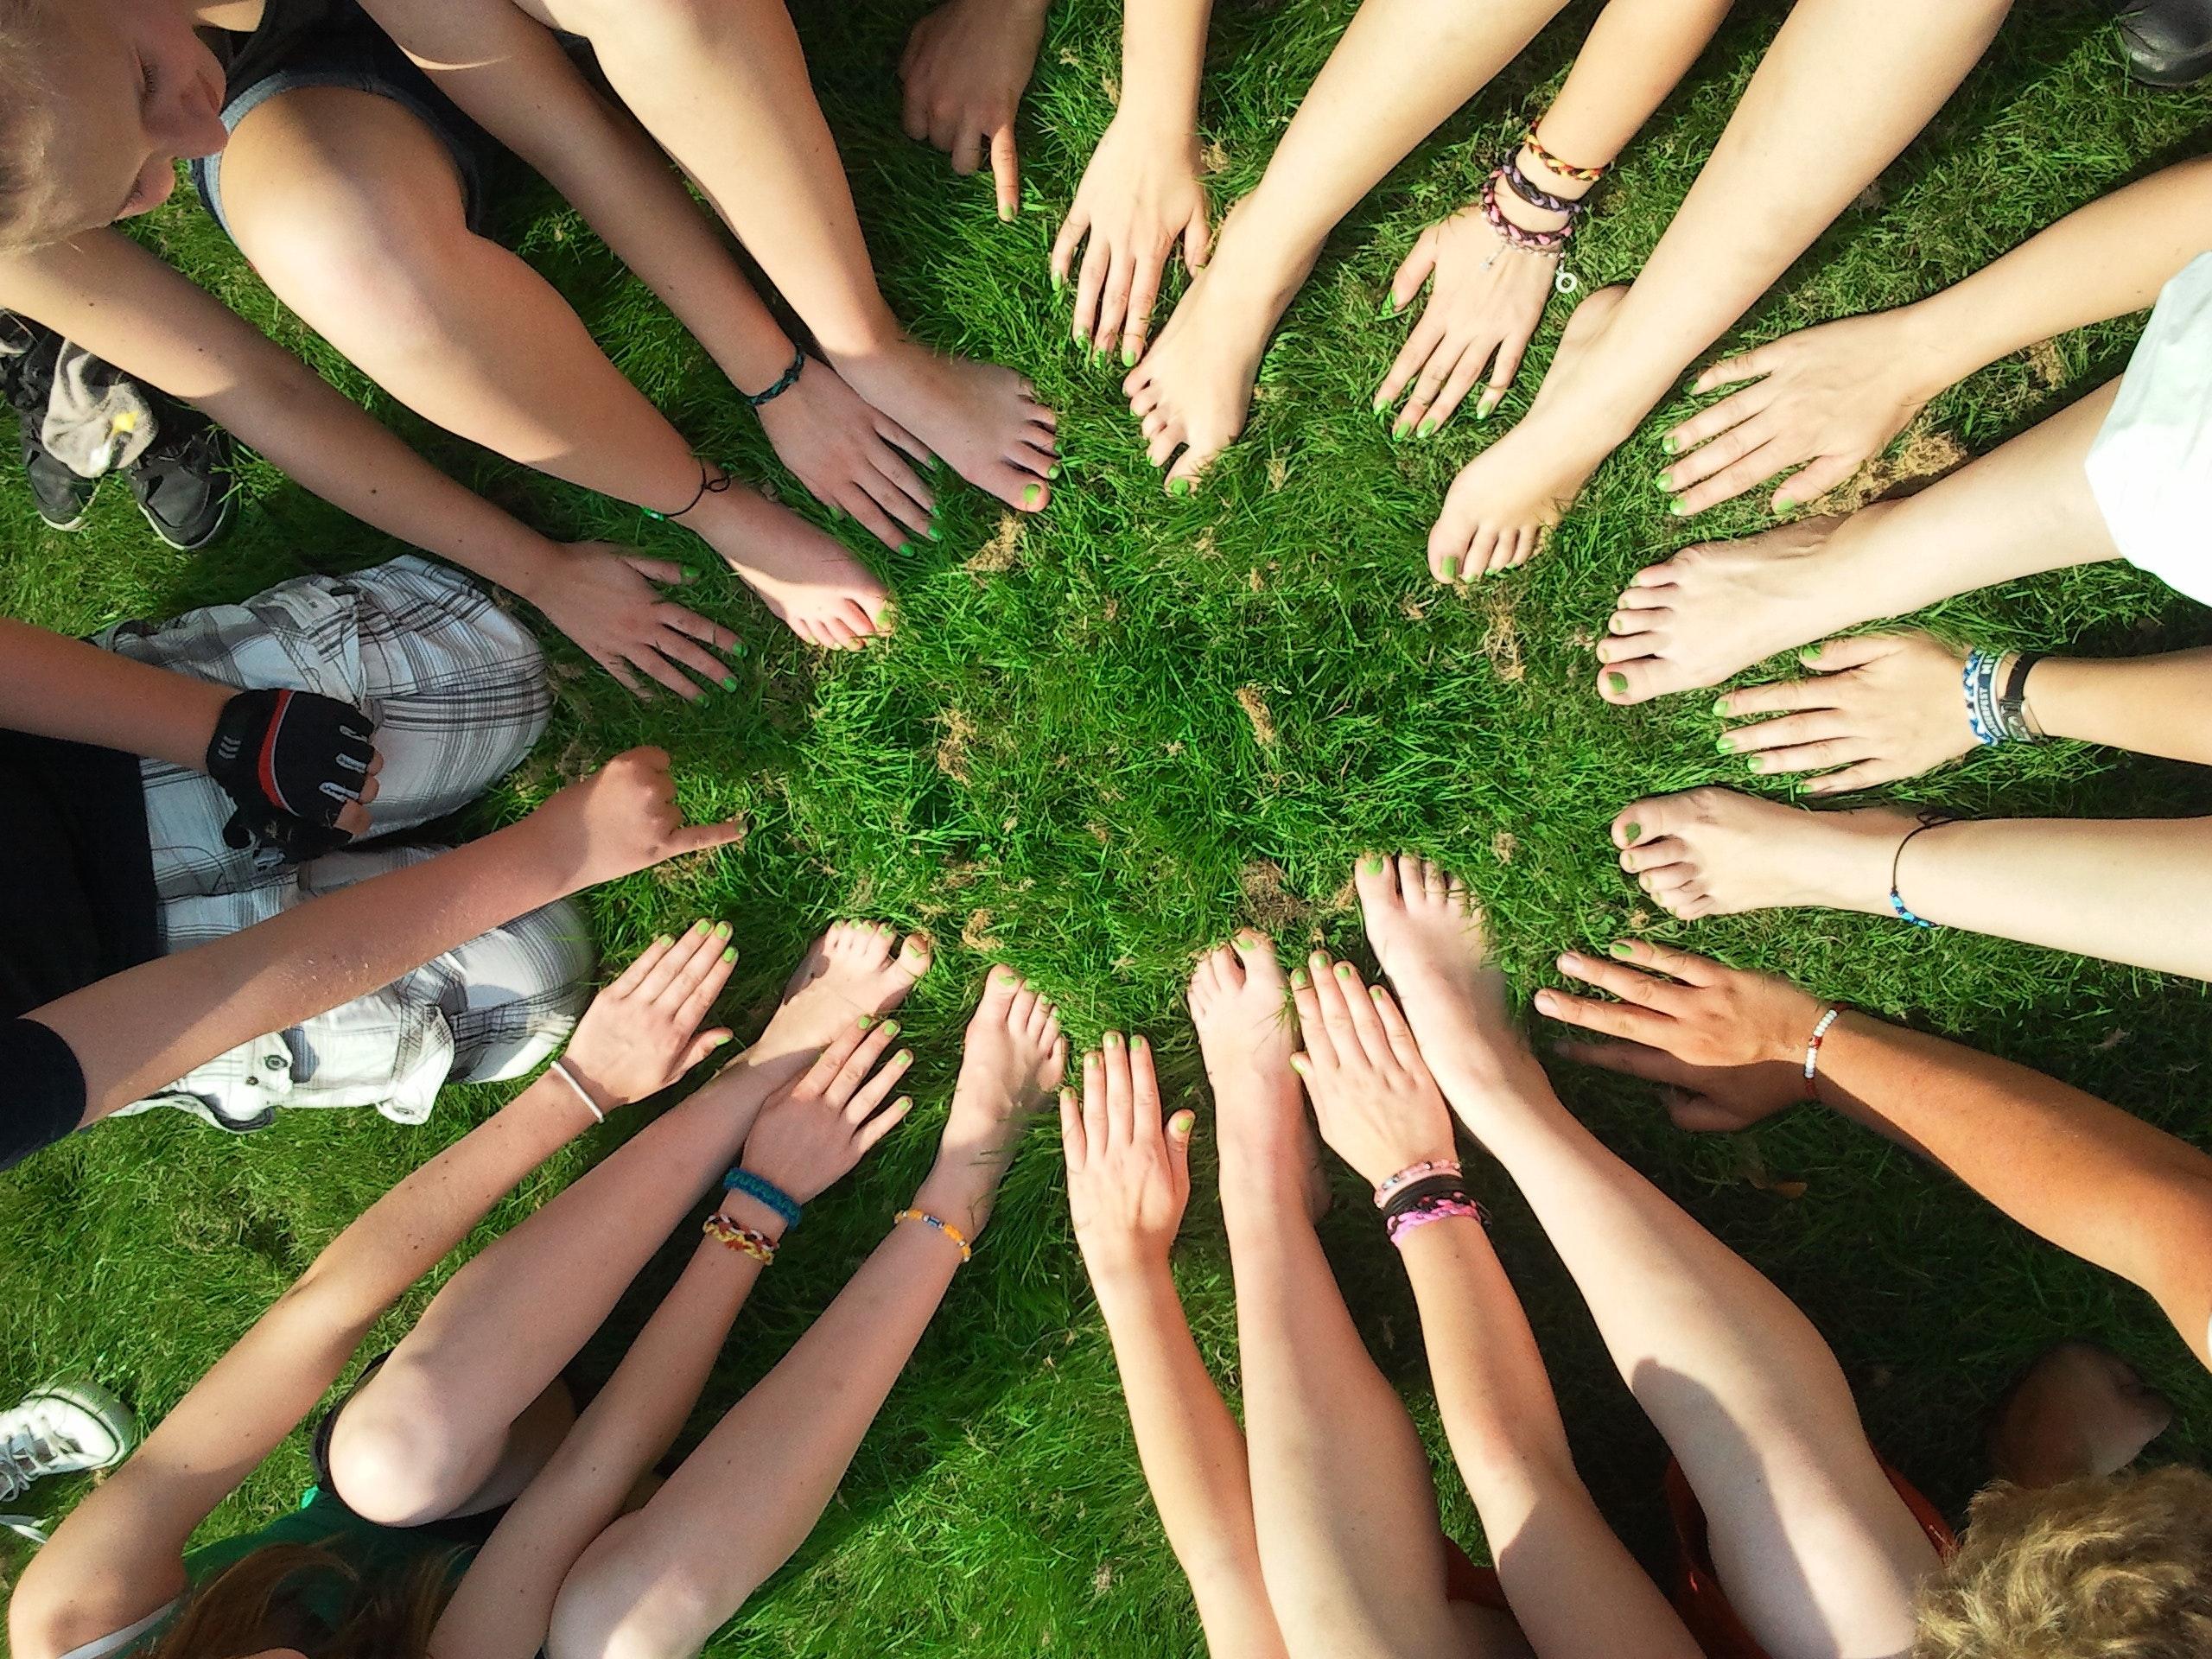 Kutatni közösen, határok nélkül, online